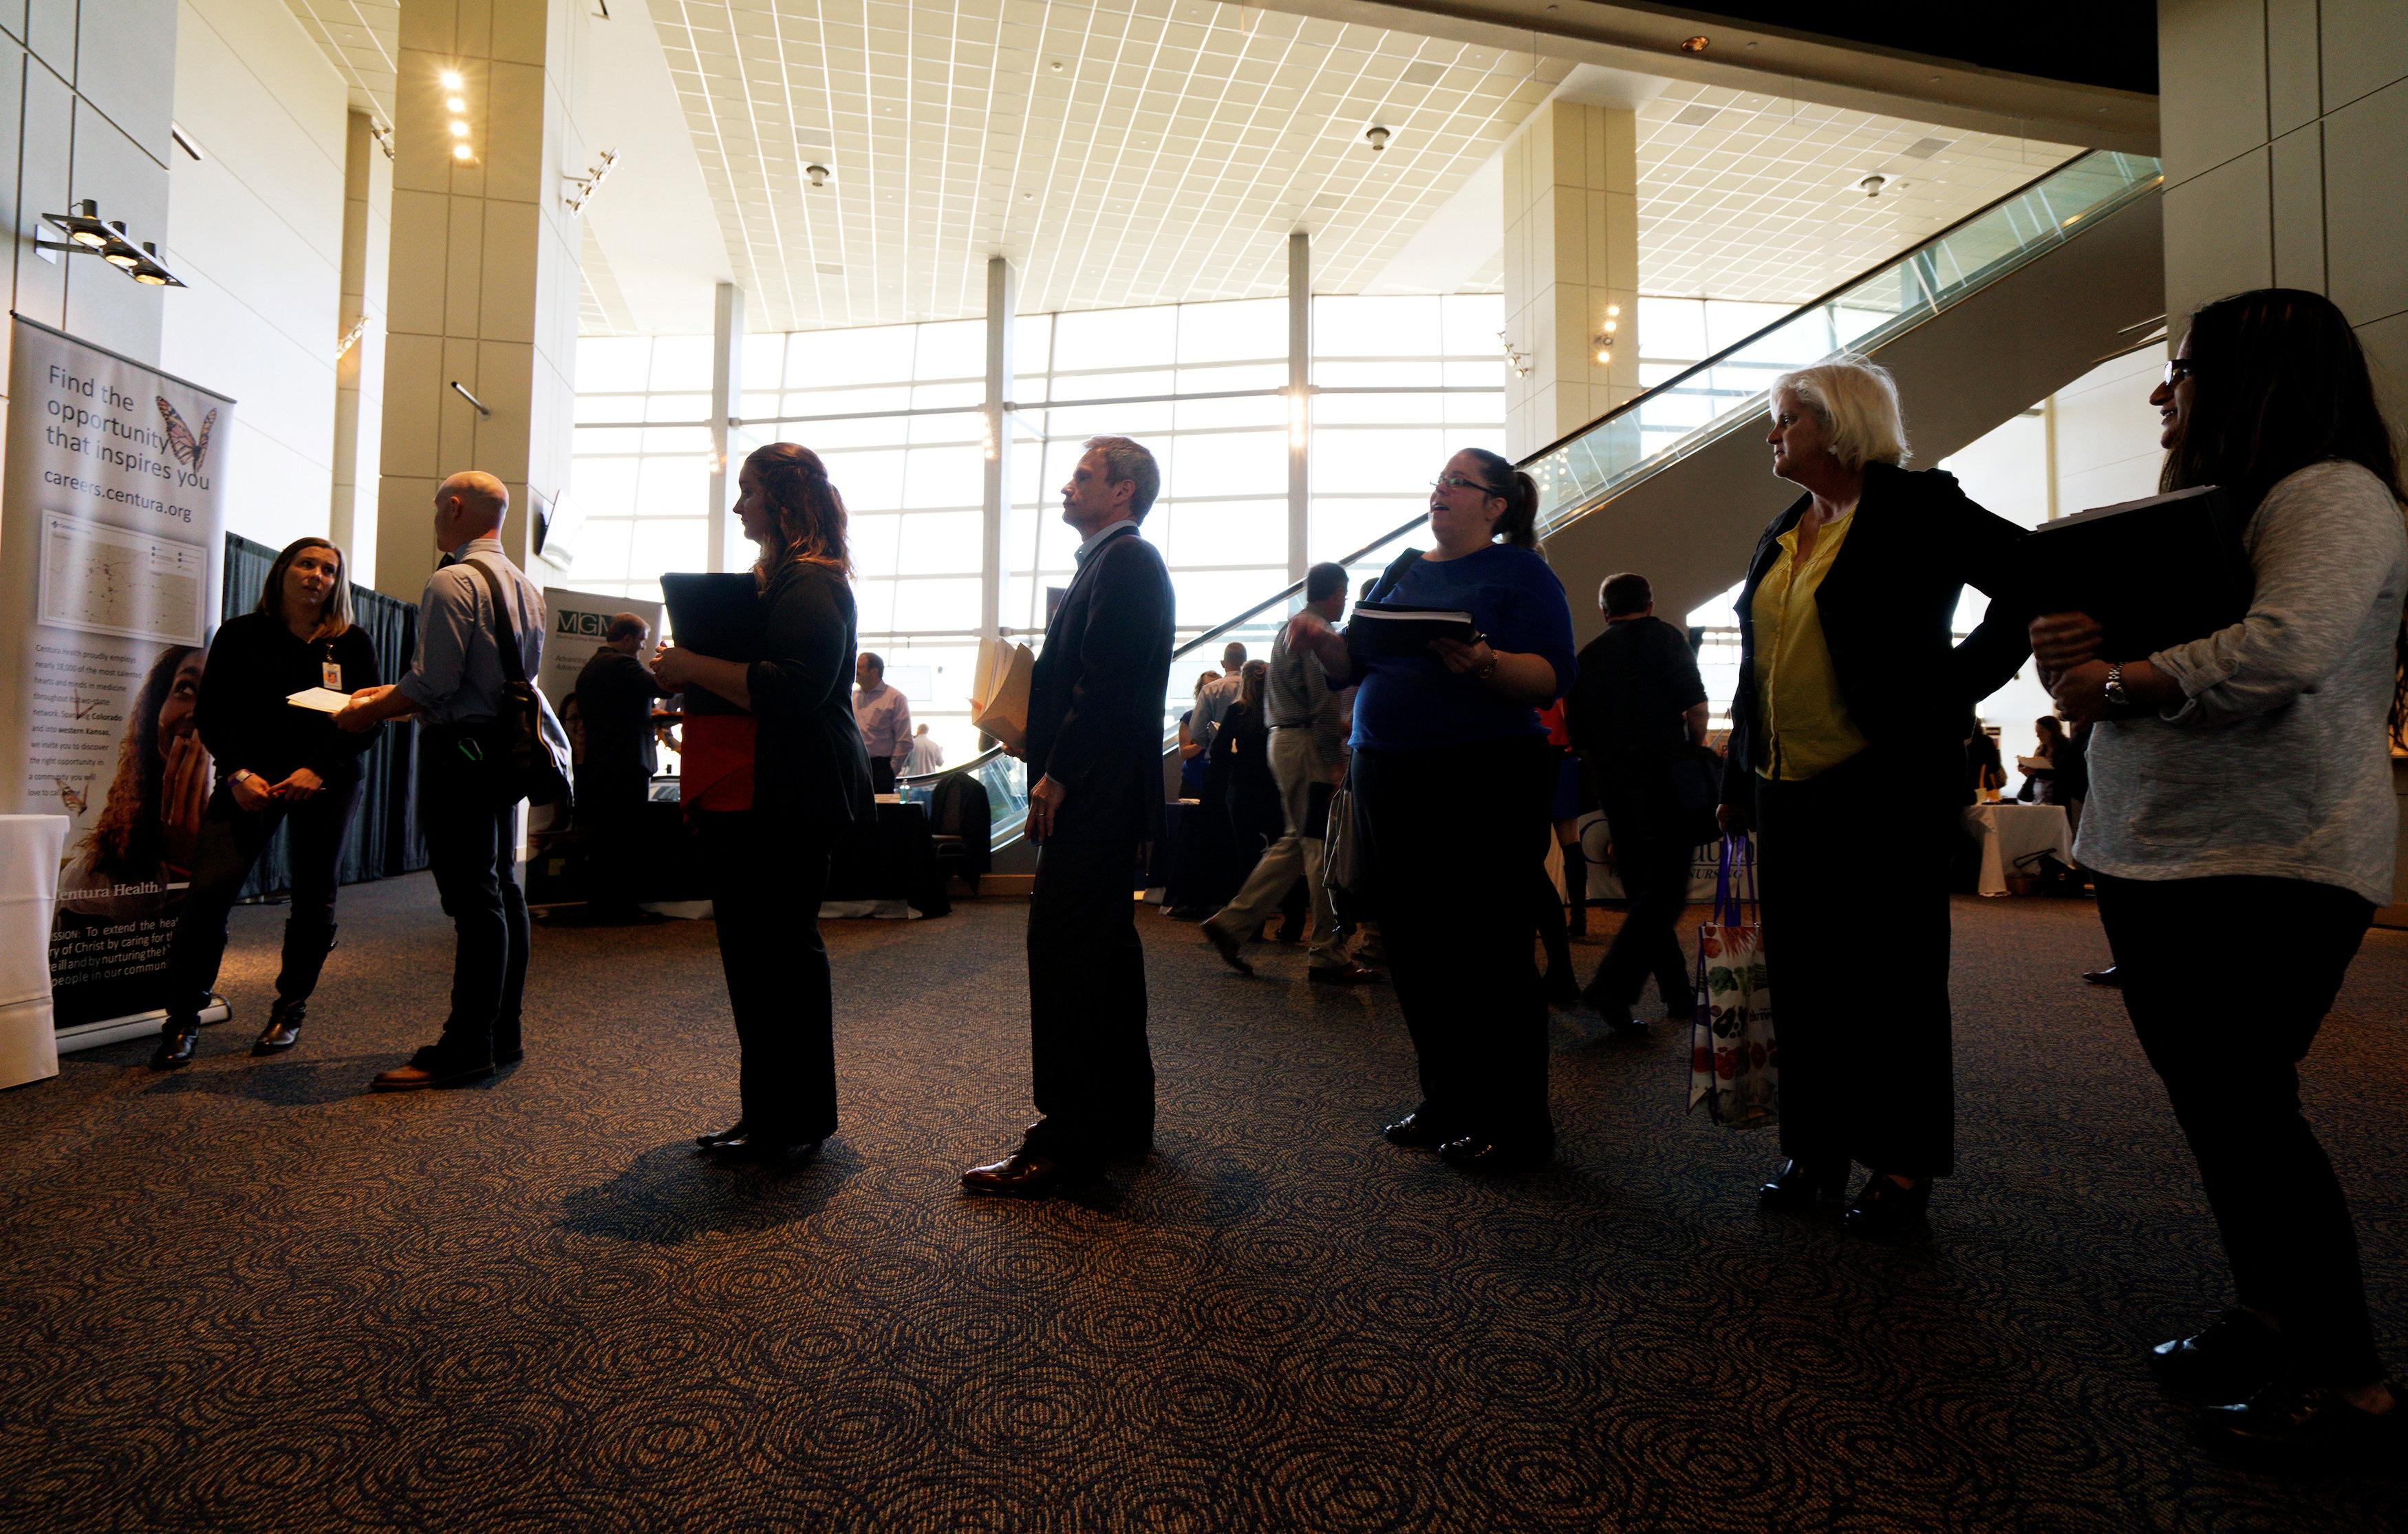 Job Seekers at Colorado Hospital Job Fair